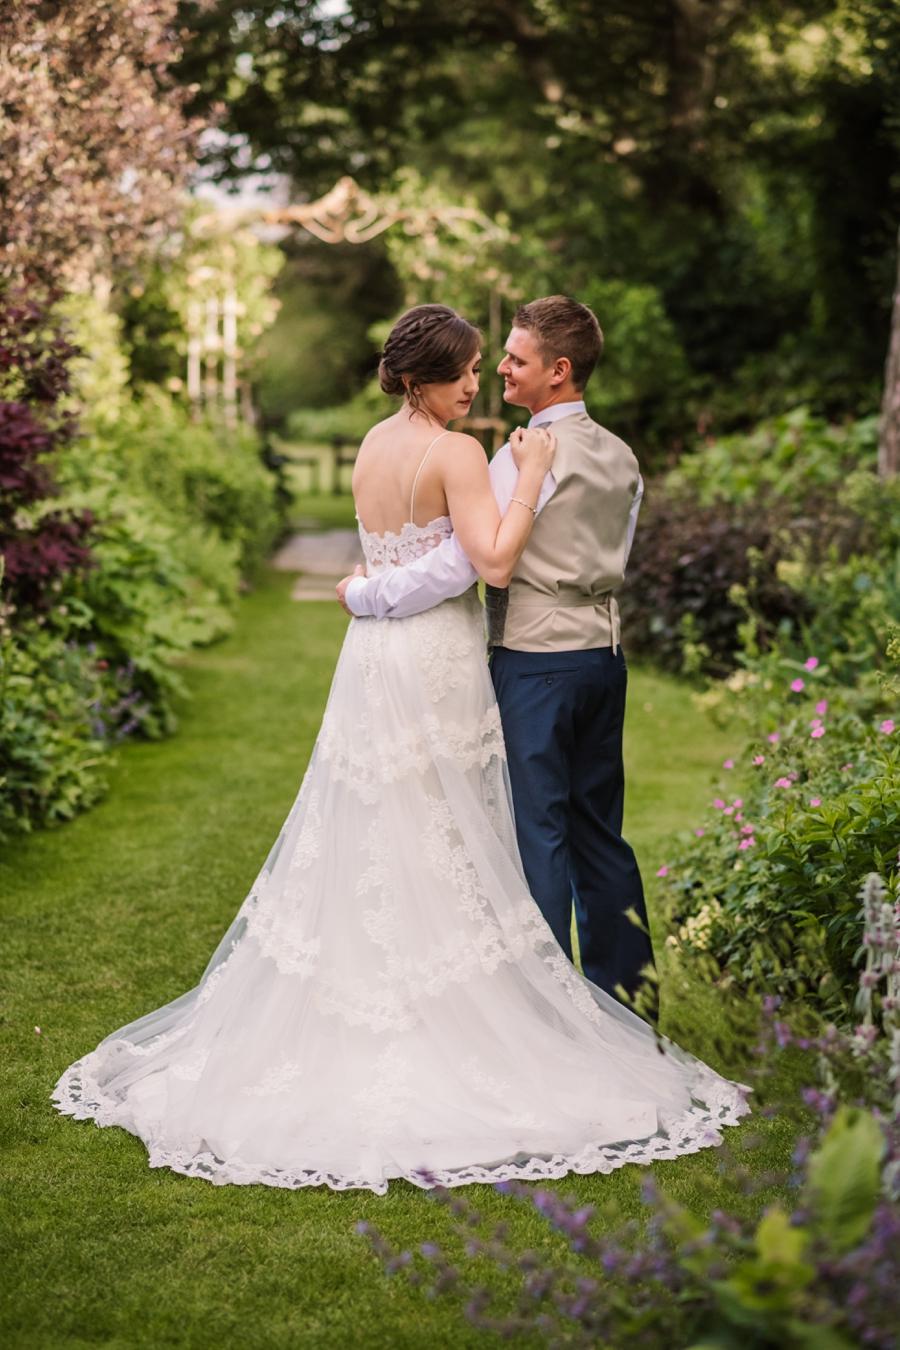 Parley Manor wedding photography by Rachel Elizabeth on English Wedding (33)